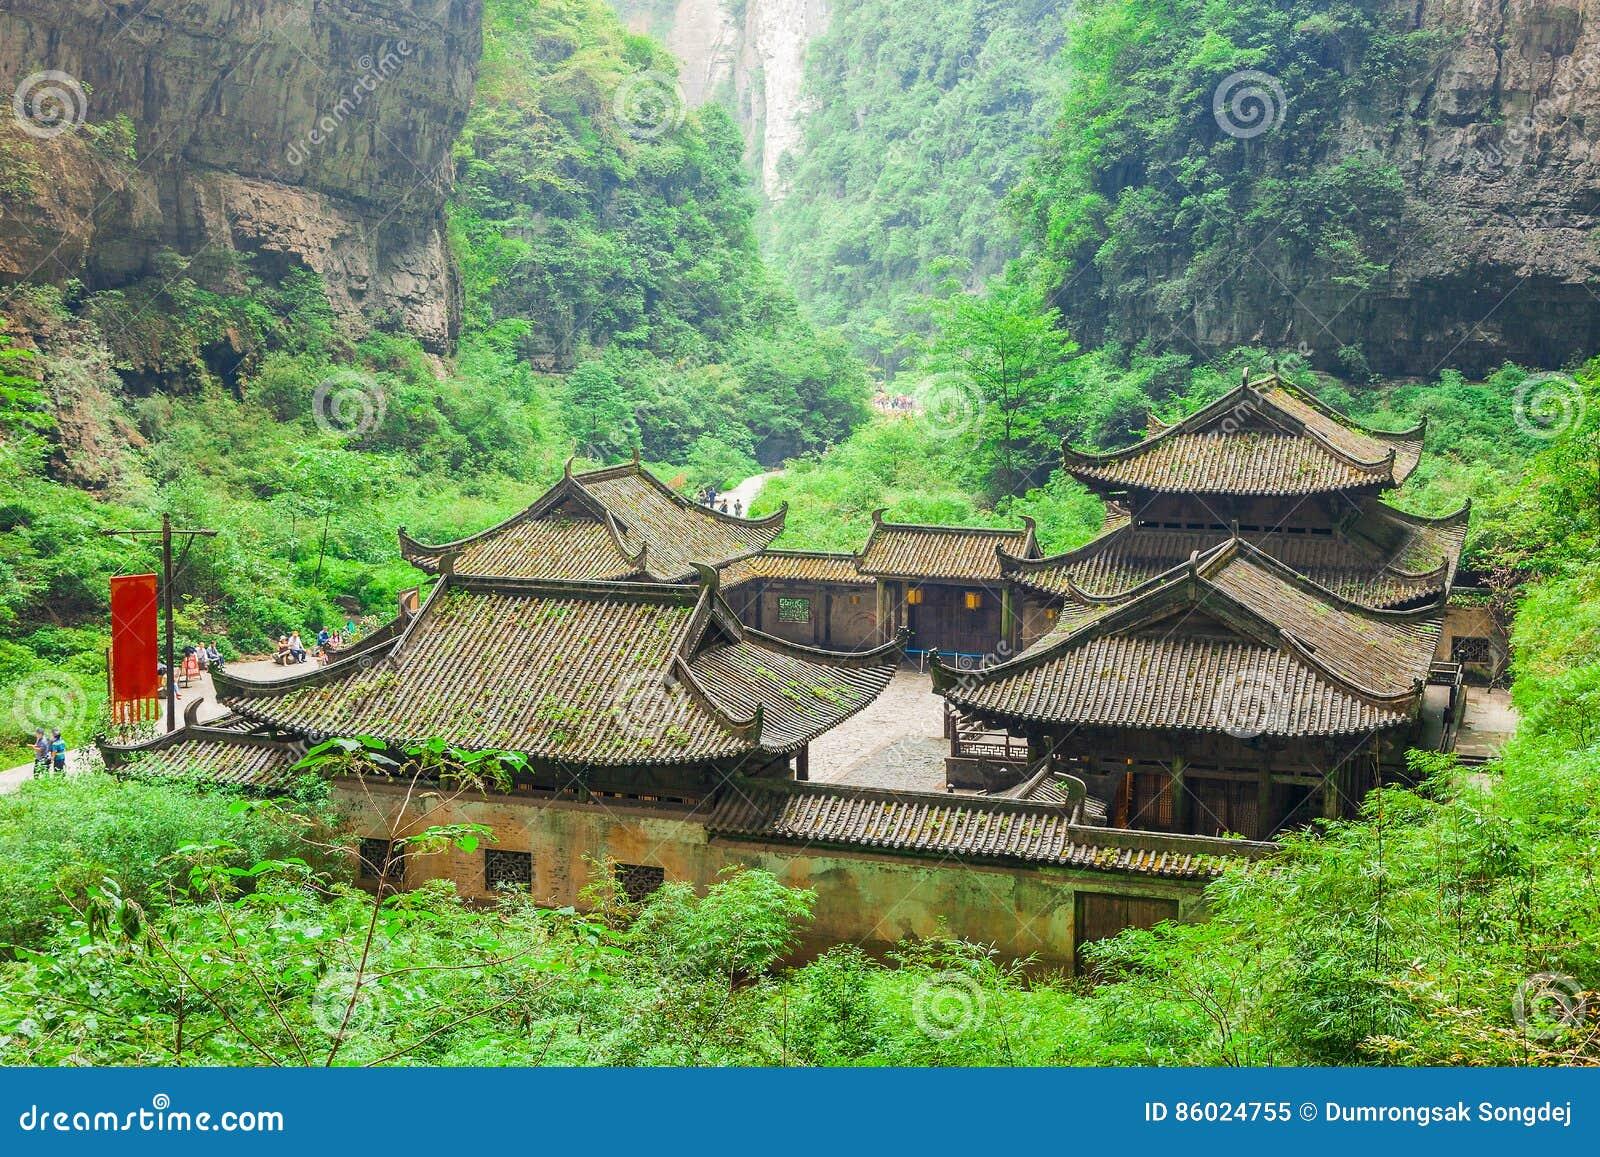 Héritage naturel du monde de Wulong Karst, Chongqing, Chine